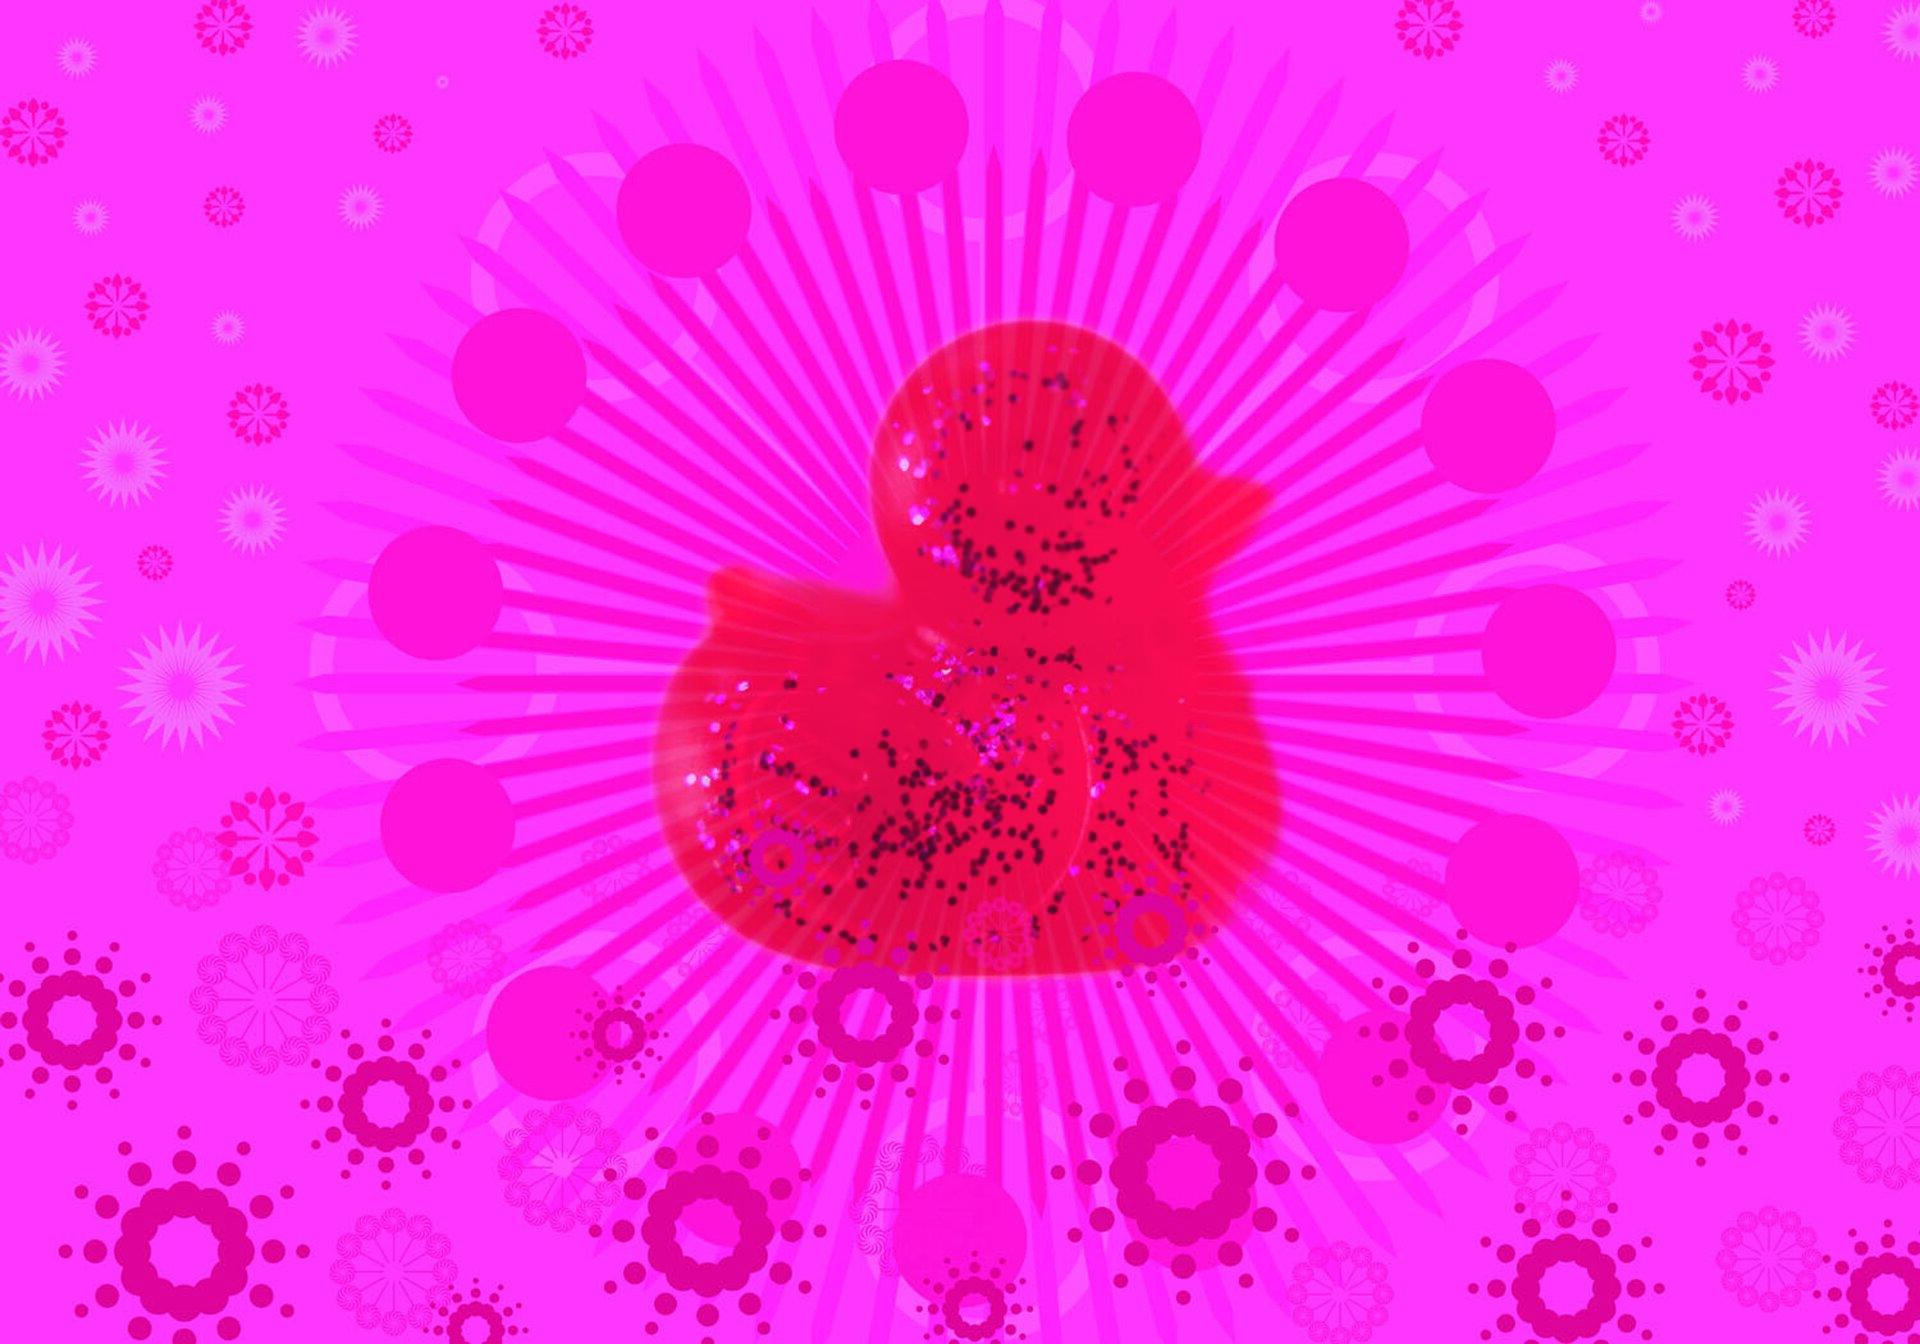 """Ilustracja przedstawia grafikę cyfrową """"Pink 5"""" autorstwa Agaty Dworzak-Subocz. Wcentrum różowej kompozycji znajduje się sylwetka czerwonej, gumowej kaczuszki, której wnętrze wypełniają drobne, czarno-różowo-białe kropeczki. Od kaczki odchodzą promienie, naokoło wirują kółka oraz uproszczone kwiatki wróżnych odcieniach różu. Praca została wykonana wwąskiej różowo-czerwonej gamie barw zdrobnymi elementami czerni."""